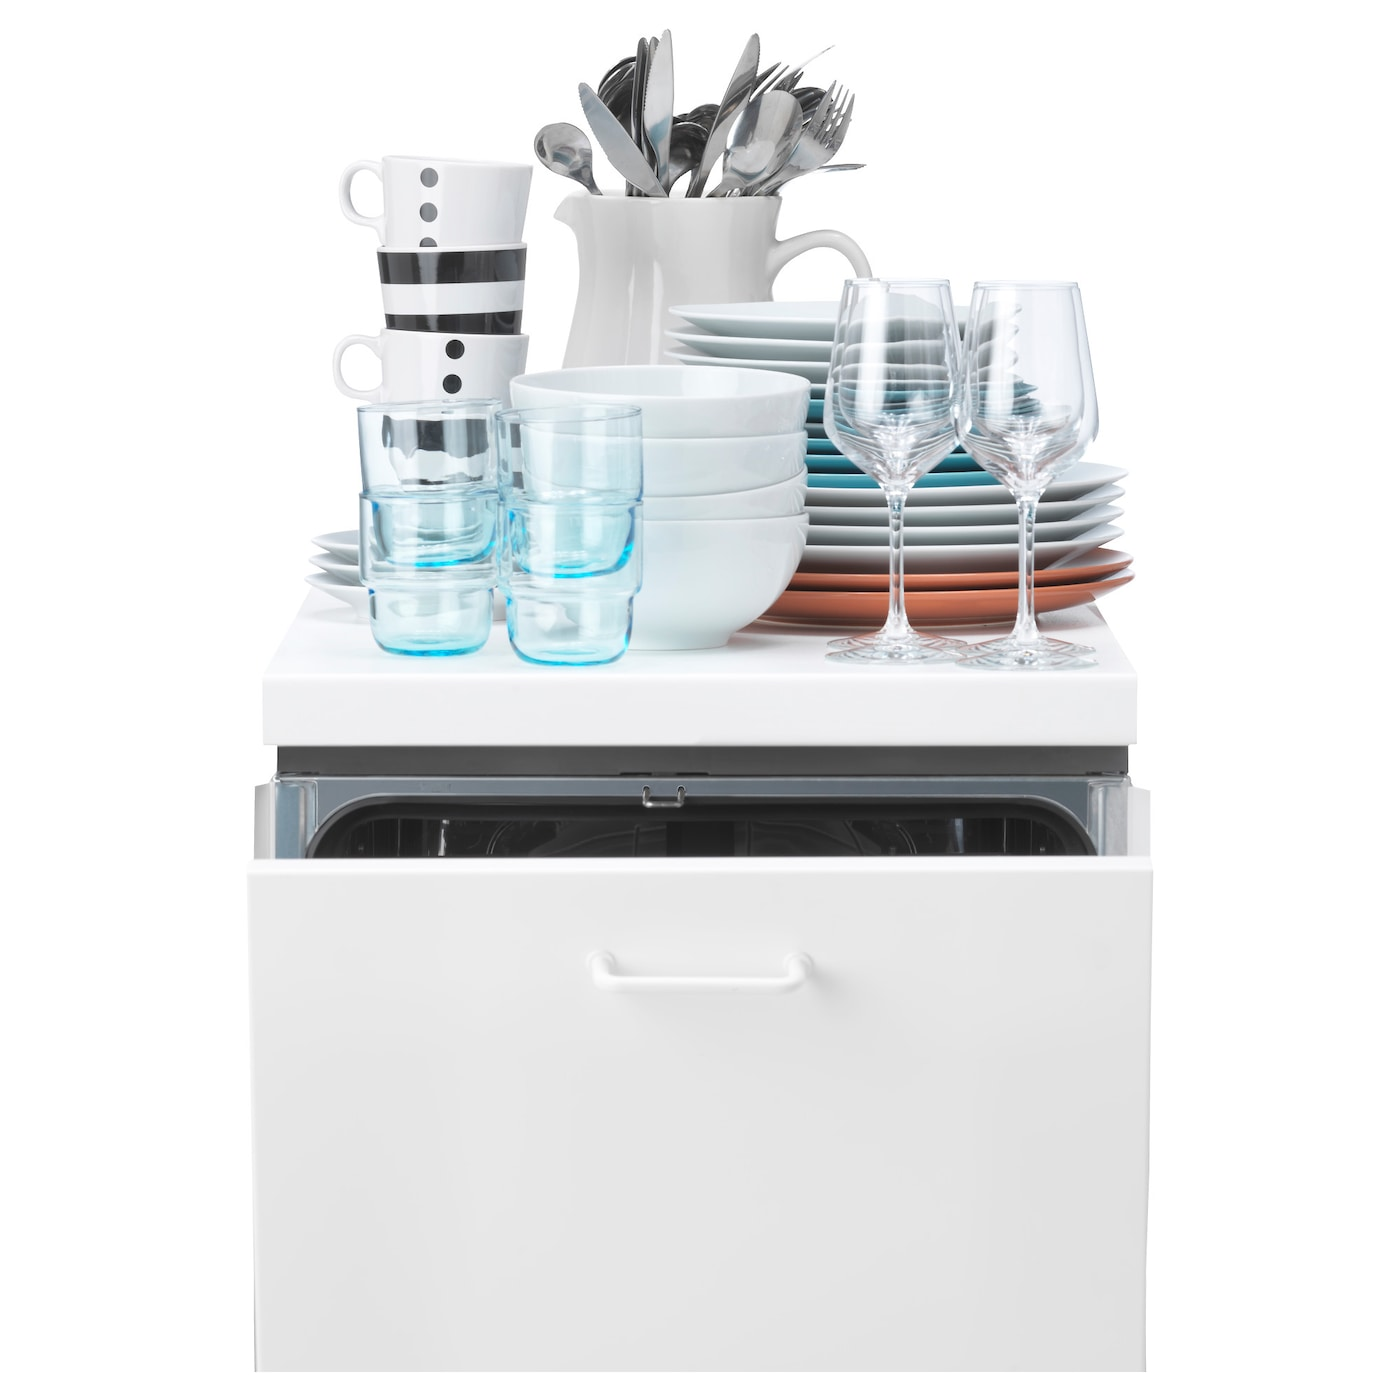 medelstor lave vaisselle encastrable gris ikea. Black Bedroom Furniture Sets. Home Design Ideas